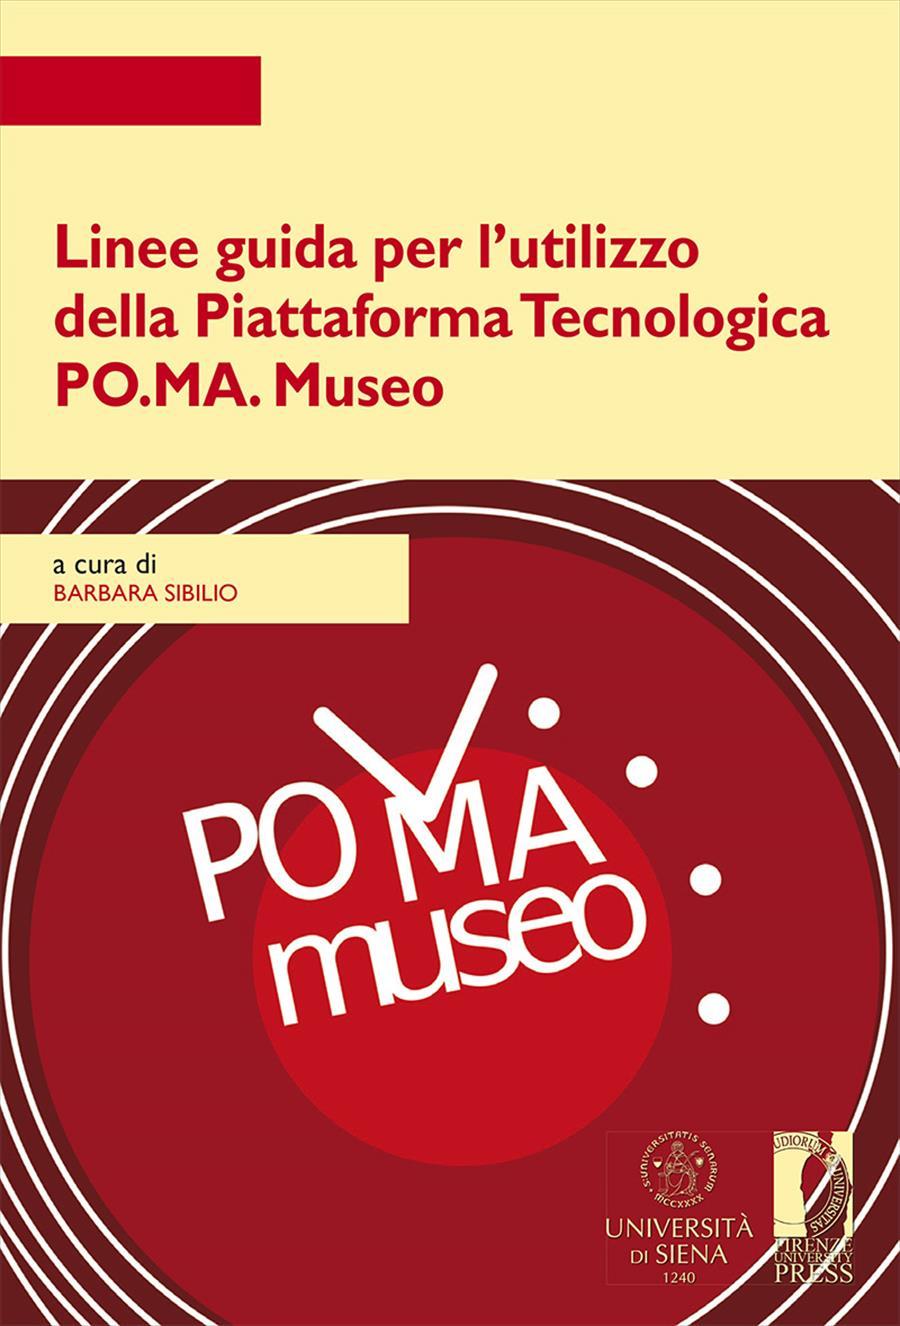 Linee guida per l'utilizzo della  Piattaforma Tecnologica  PO.MA. Museo